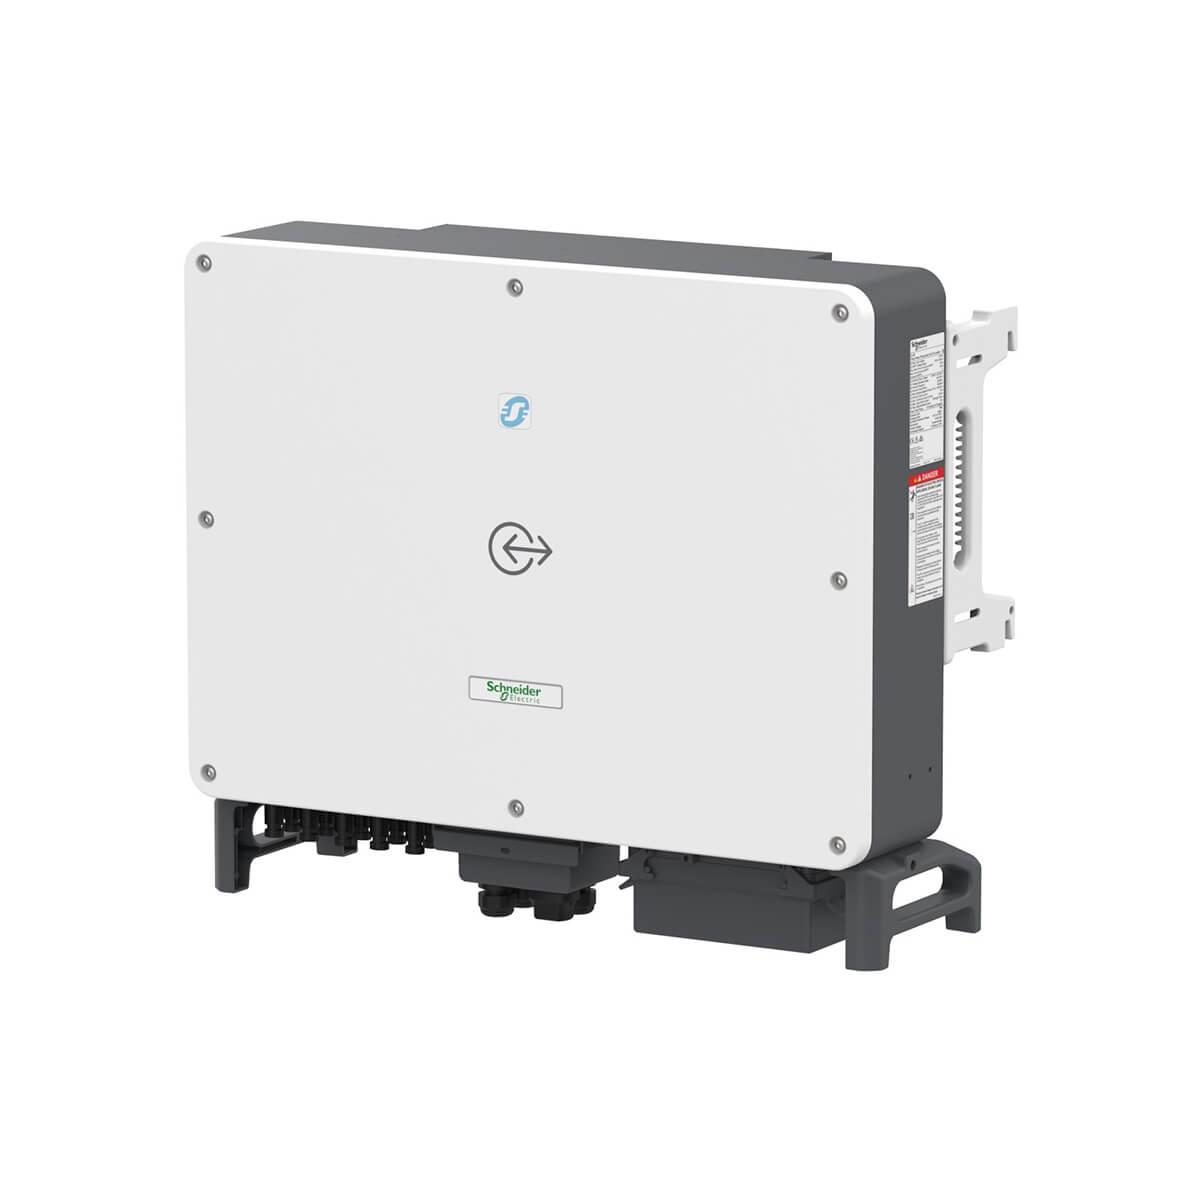 schneider electric 33kW inverter, schneider electric cl 33 33kW inverter, schneider electric cl 33 inverter, schneider electric cl 33, schneider electric 33 kW